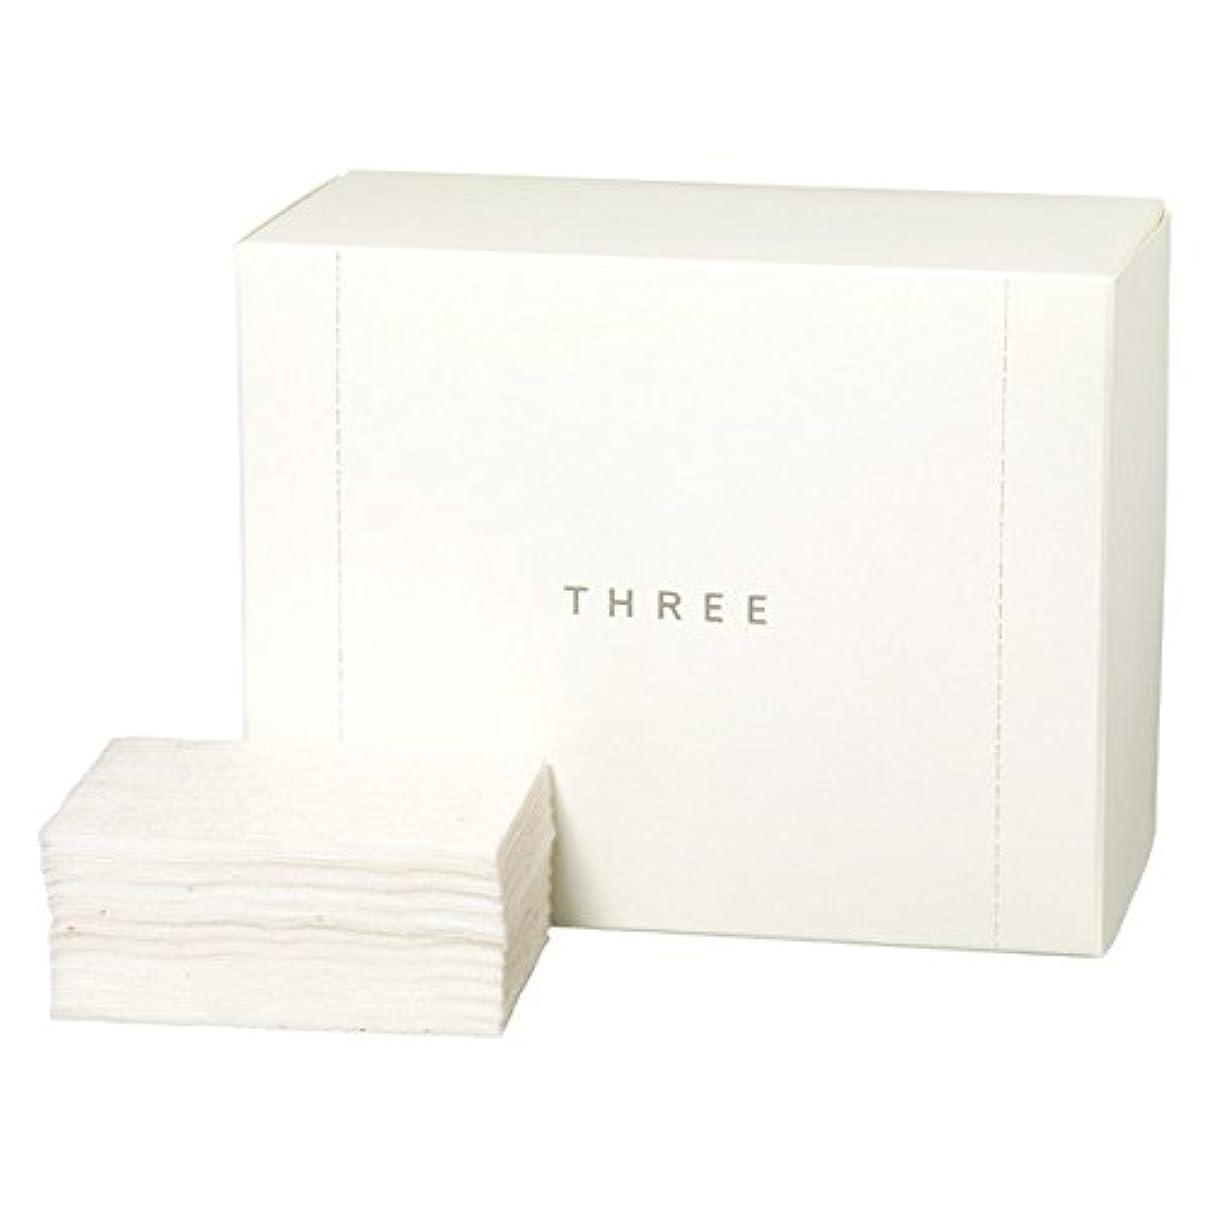 ビバ地下室純度THREE オーガニック コットン THREEショップバッグ付き